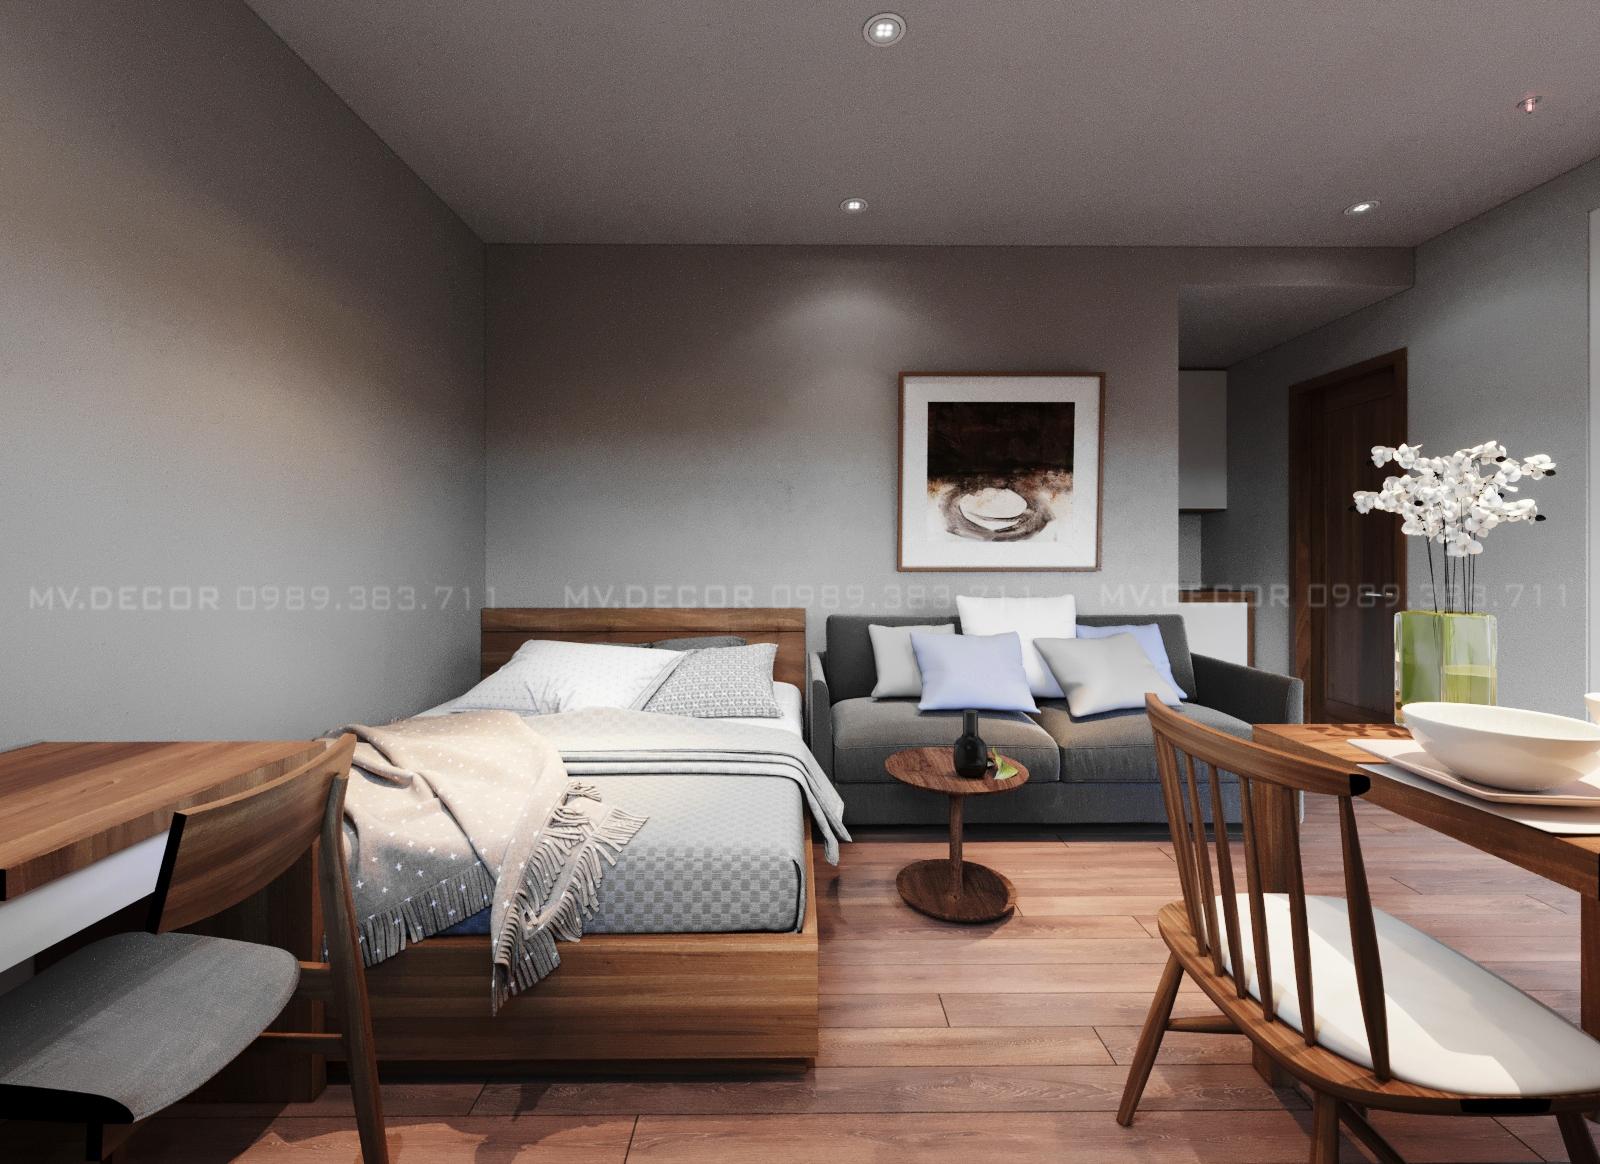 thiết kế nội thất Khách Sạn tại Hải Phòng căn hộ khách sạn cho thuê  12 1562943965